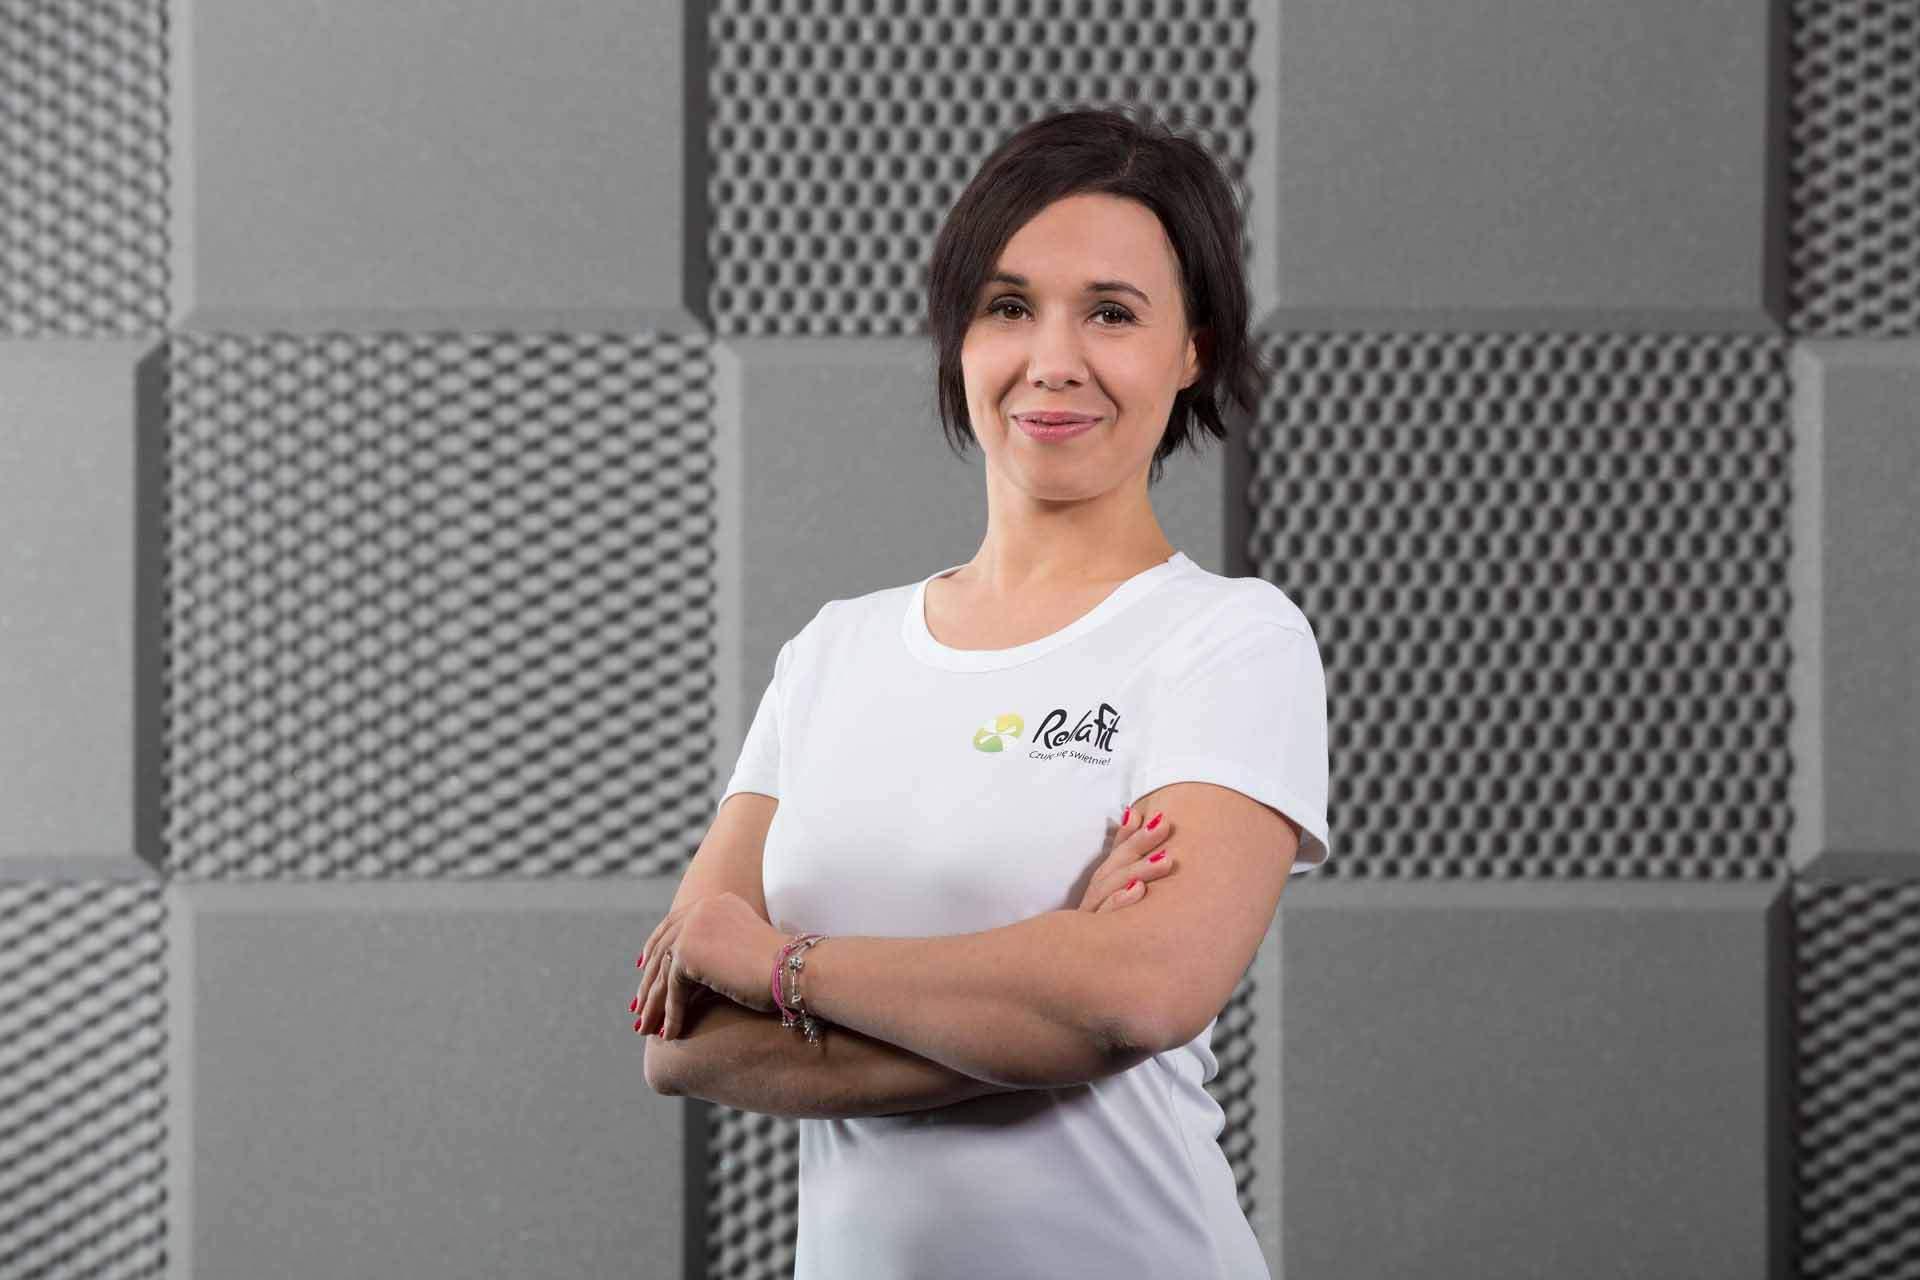 Fizjoterapeutka Joanna Kmieć-Nowakowska specjalizująca się w rehabilitacji kobiet w ciąży i po porodzie z centrum RehaFit.